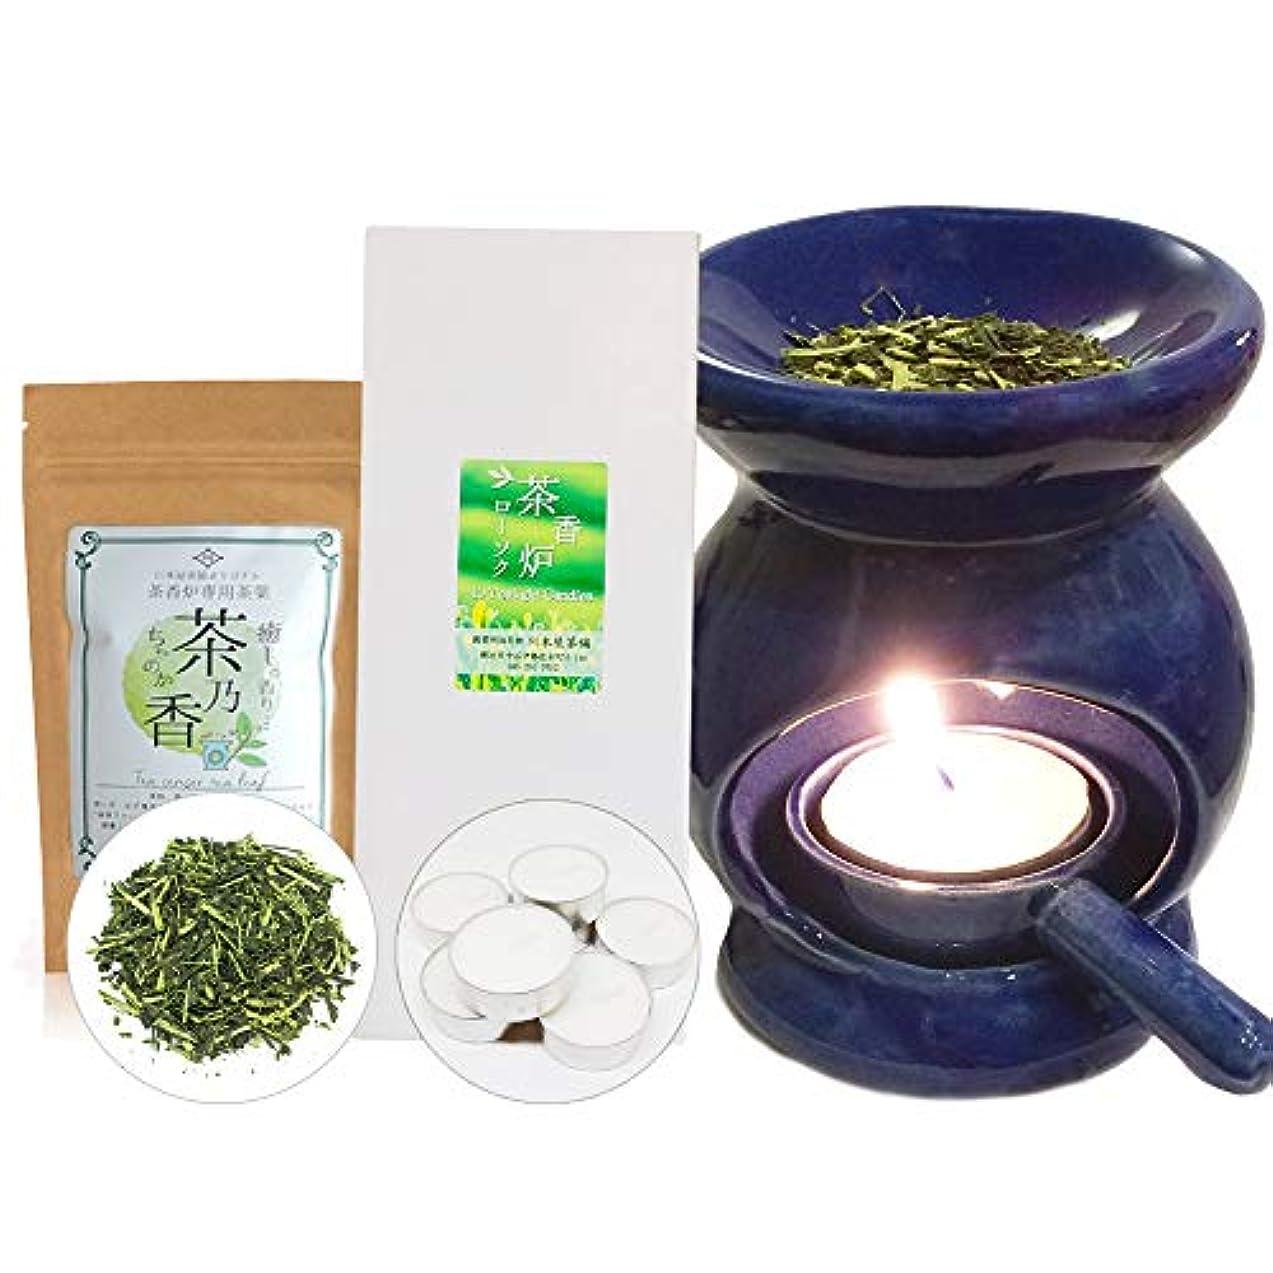 くるみぐったりシャンプー川本屋茶舗 はじめての茶香炉セット (茶香炉専用茶葉?ローソク付) 届いてすぐ始められる?